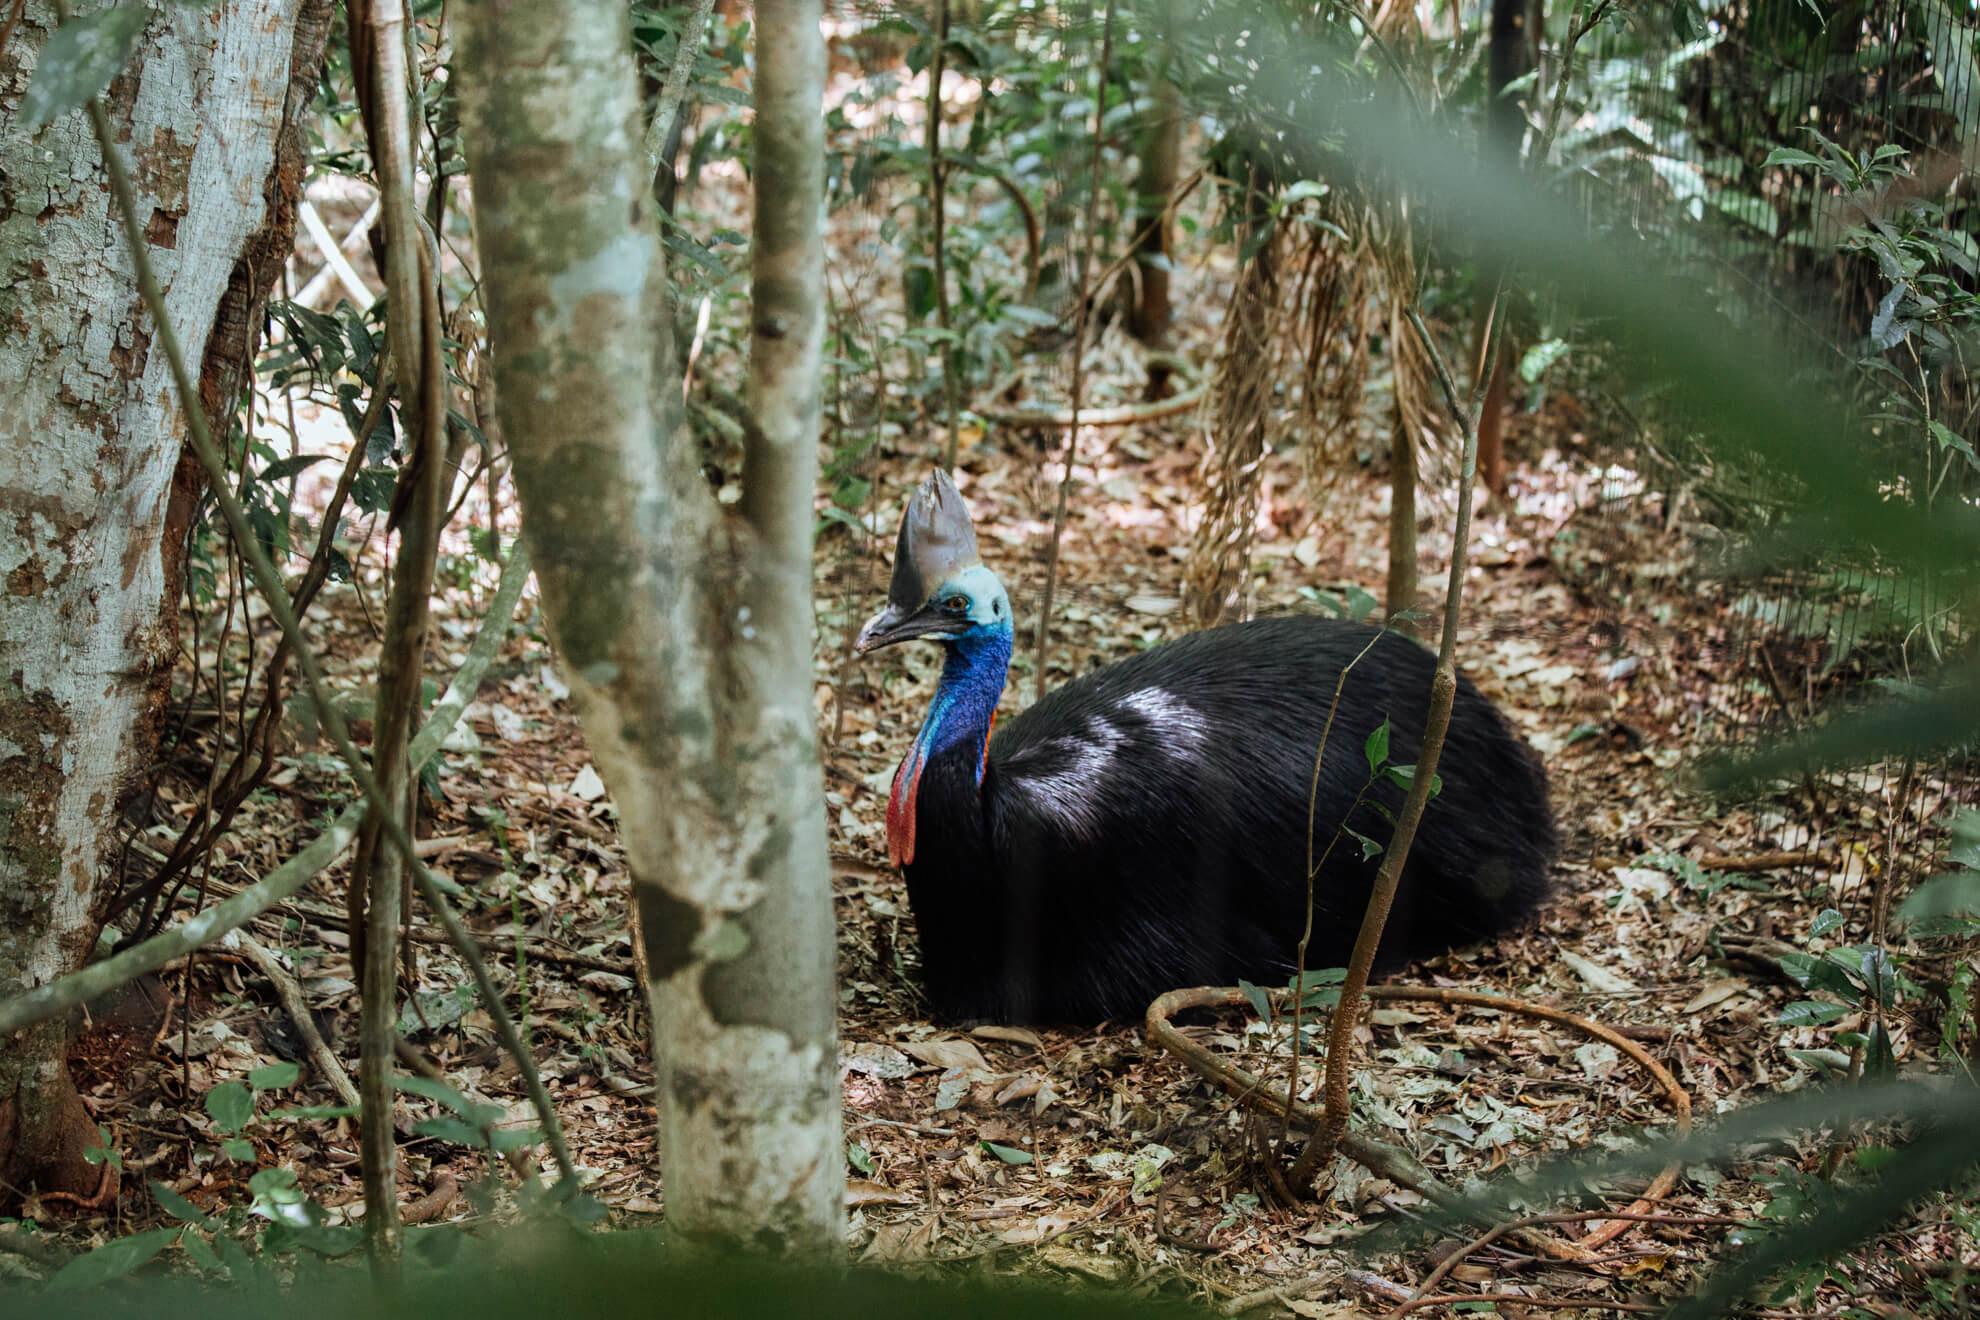 Parque das Aves, Foz do Iguaçu | casuar